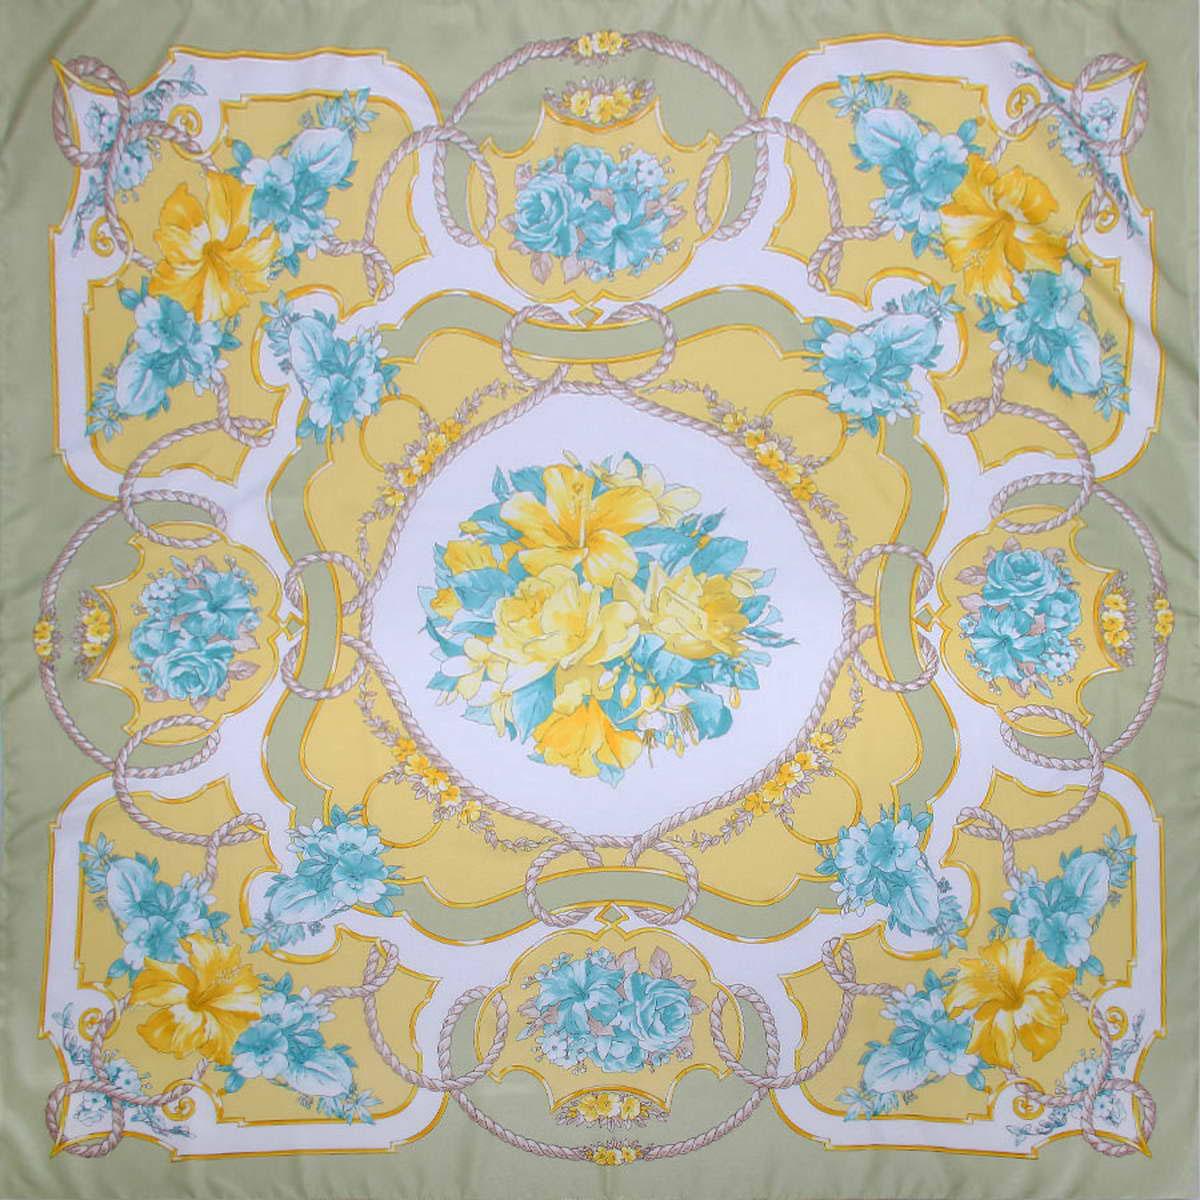 Платок женский Venera, цвет: светло-оливковый, бирюзовый, желтый. 3904972-9. Размер 90 см х 90 см3904972-9Стильный женский платок Venera станет великолепным завершением любого наряда. Платок, изготовленный из полиэстера, оформлен цветочным принтом. Классическая квадратная форма позволяет носить платок на шее, украшать им прическу или декорировать сумочку. Легкий и приятный на ощупь платок поможет вам создать изысканный женственный образ. Такой платок превосходно дополнит любой наряд и подчеркнет ваш неповторимый вкус и элегантность.